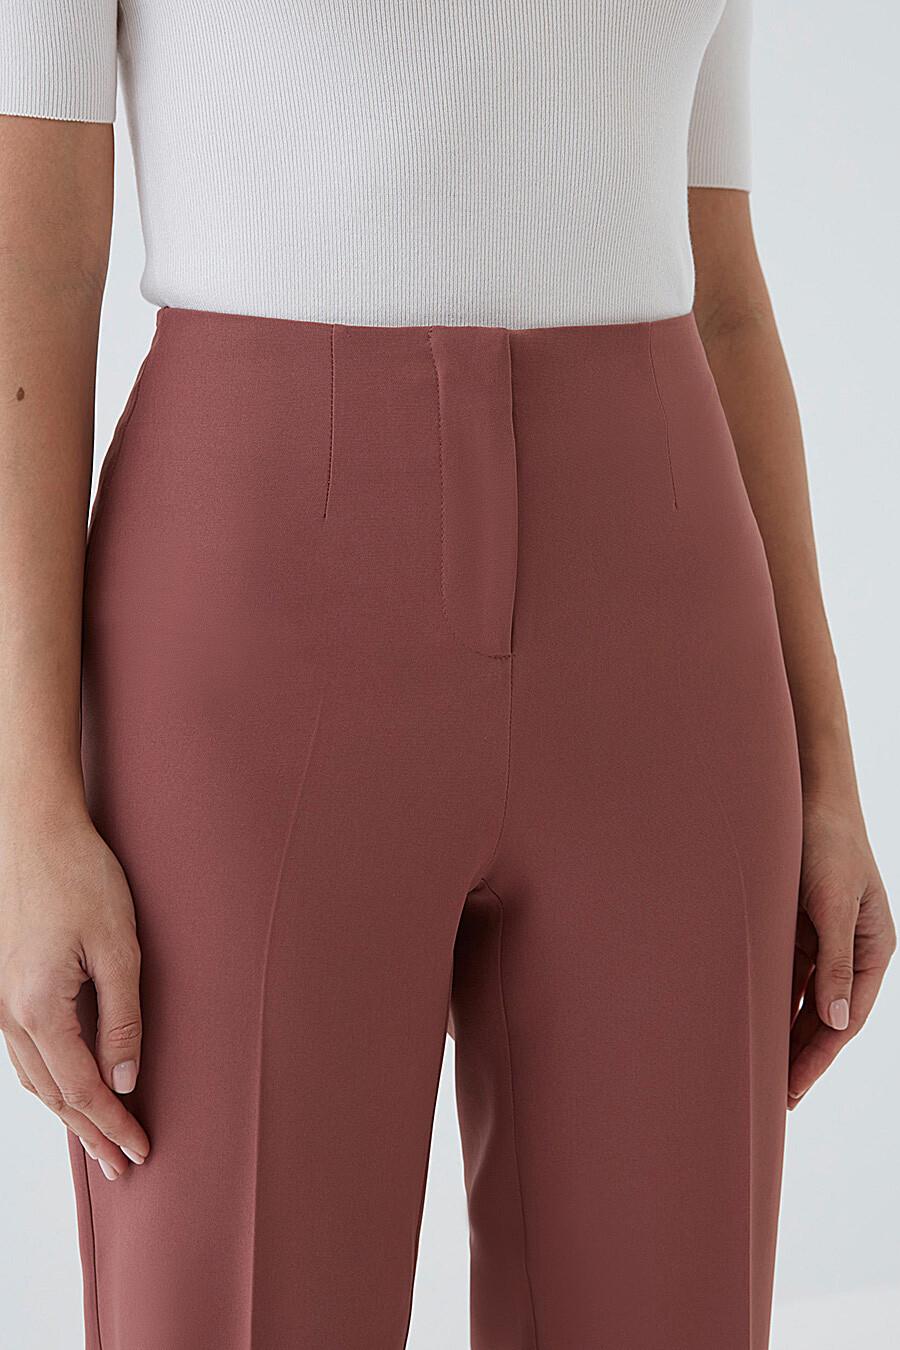 Брюки для женщин ZARINA 289515 купить оптом от производителя. Совместная покупка женской одежды в OptMoyo